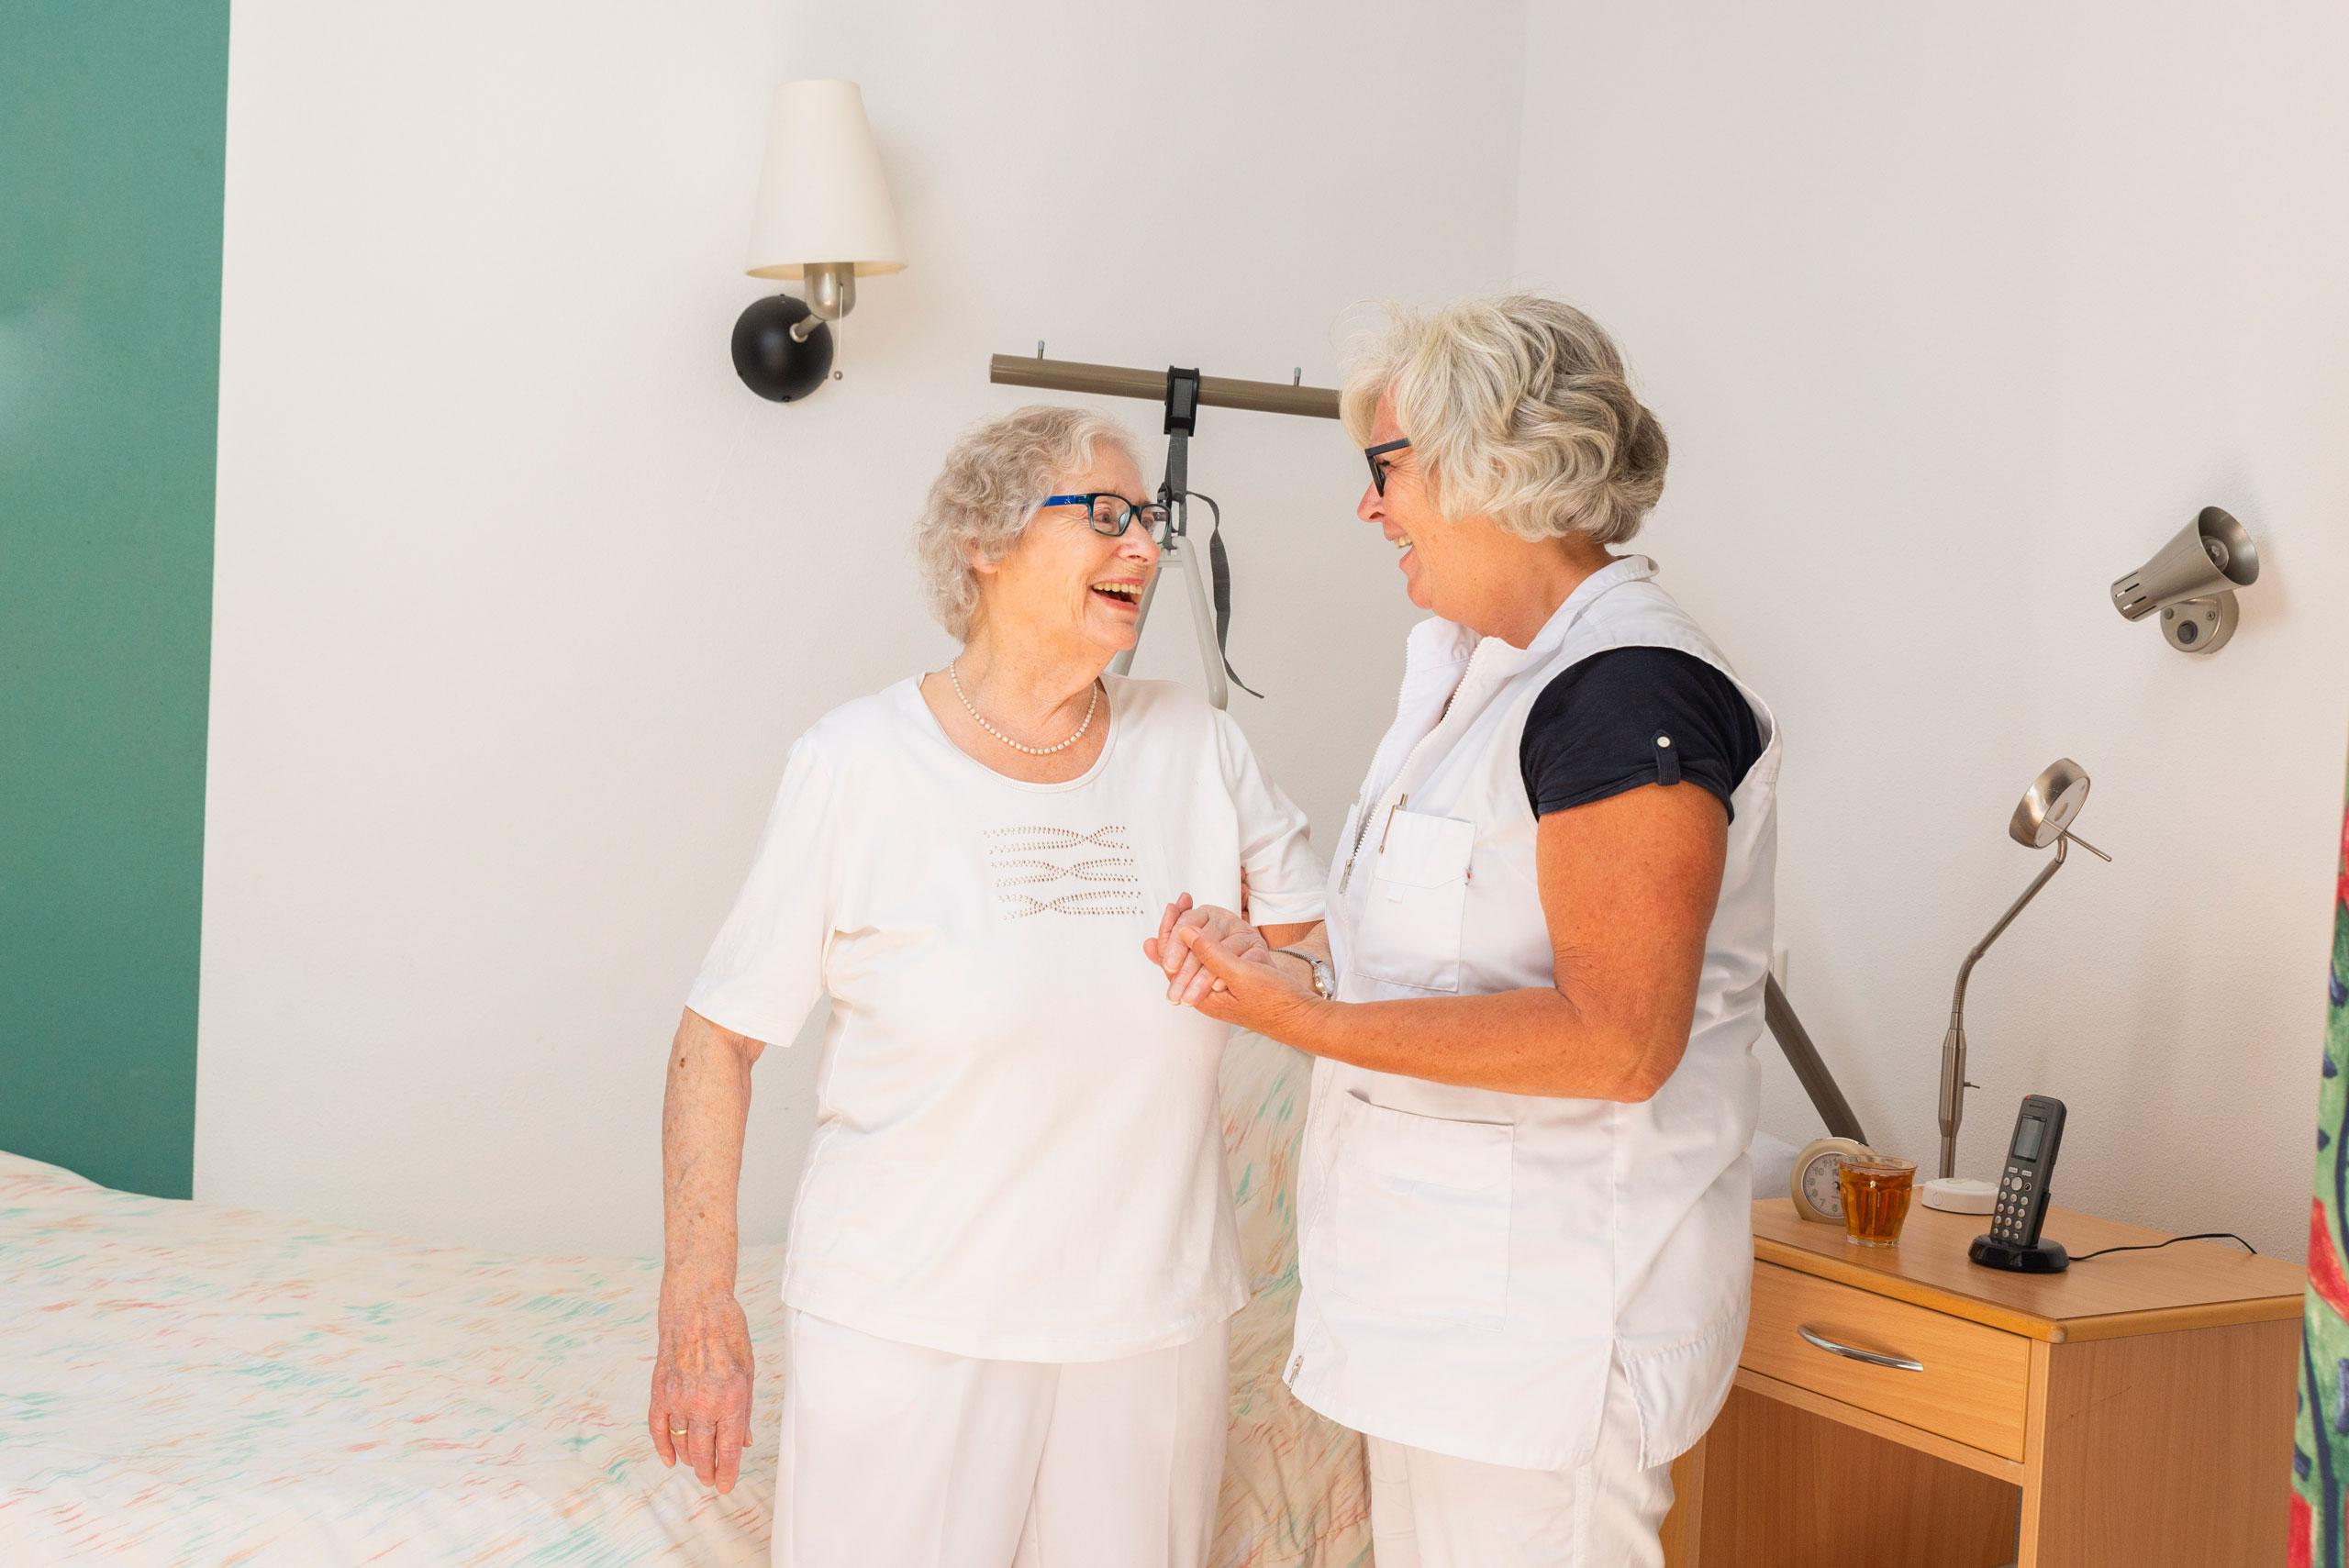 Revaliderende bewoner wordt ondersteunt voor specialist bij het uit bed komen